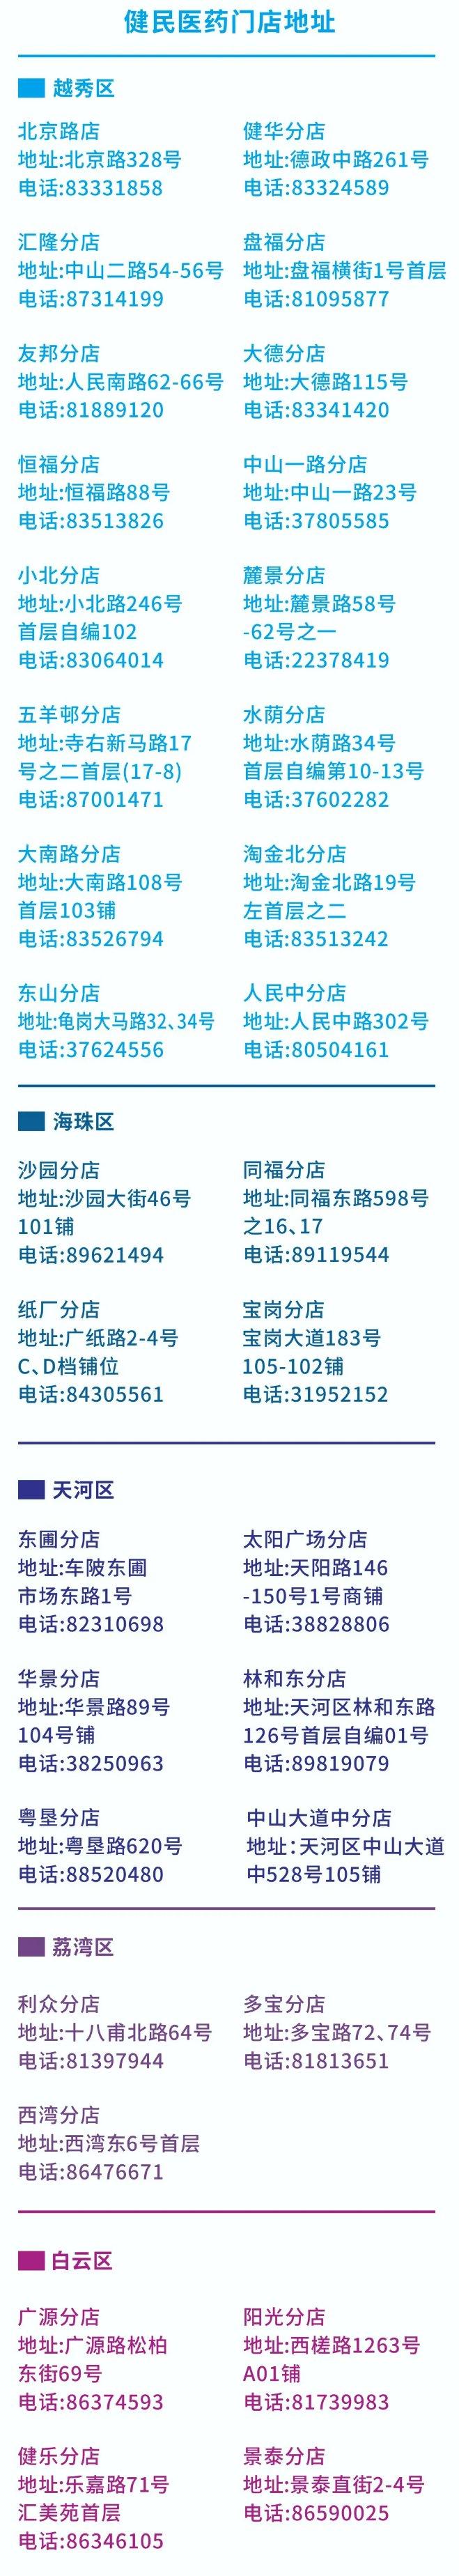 2021广州健民医药春节放假时间安排